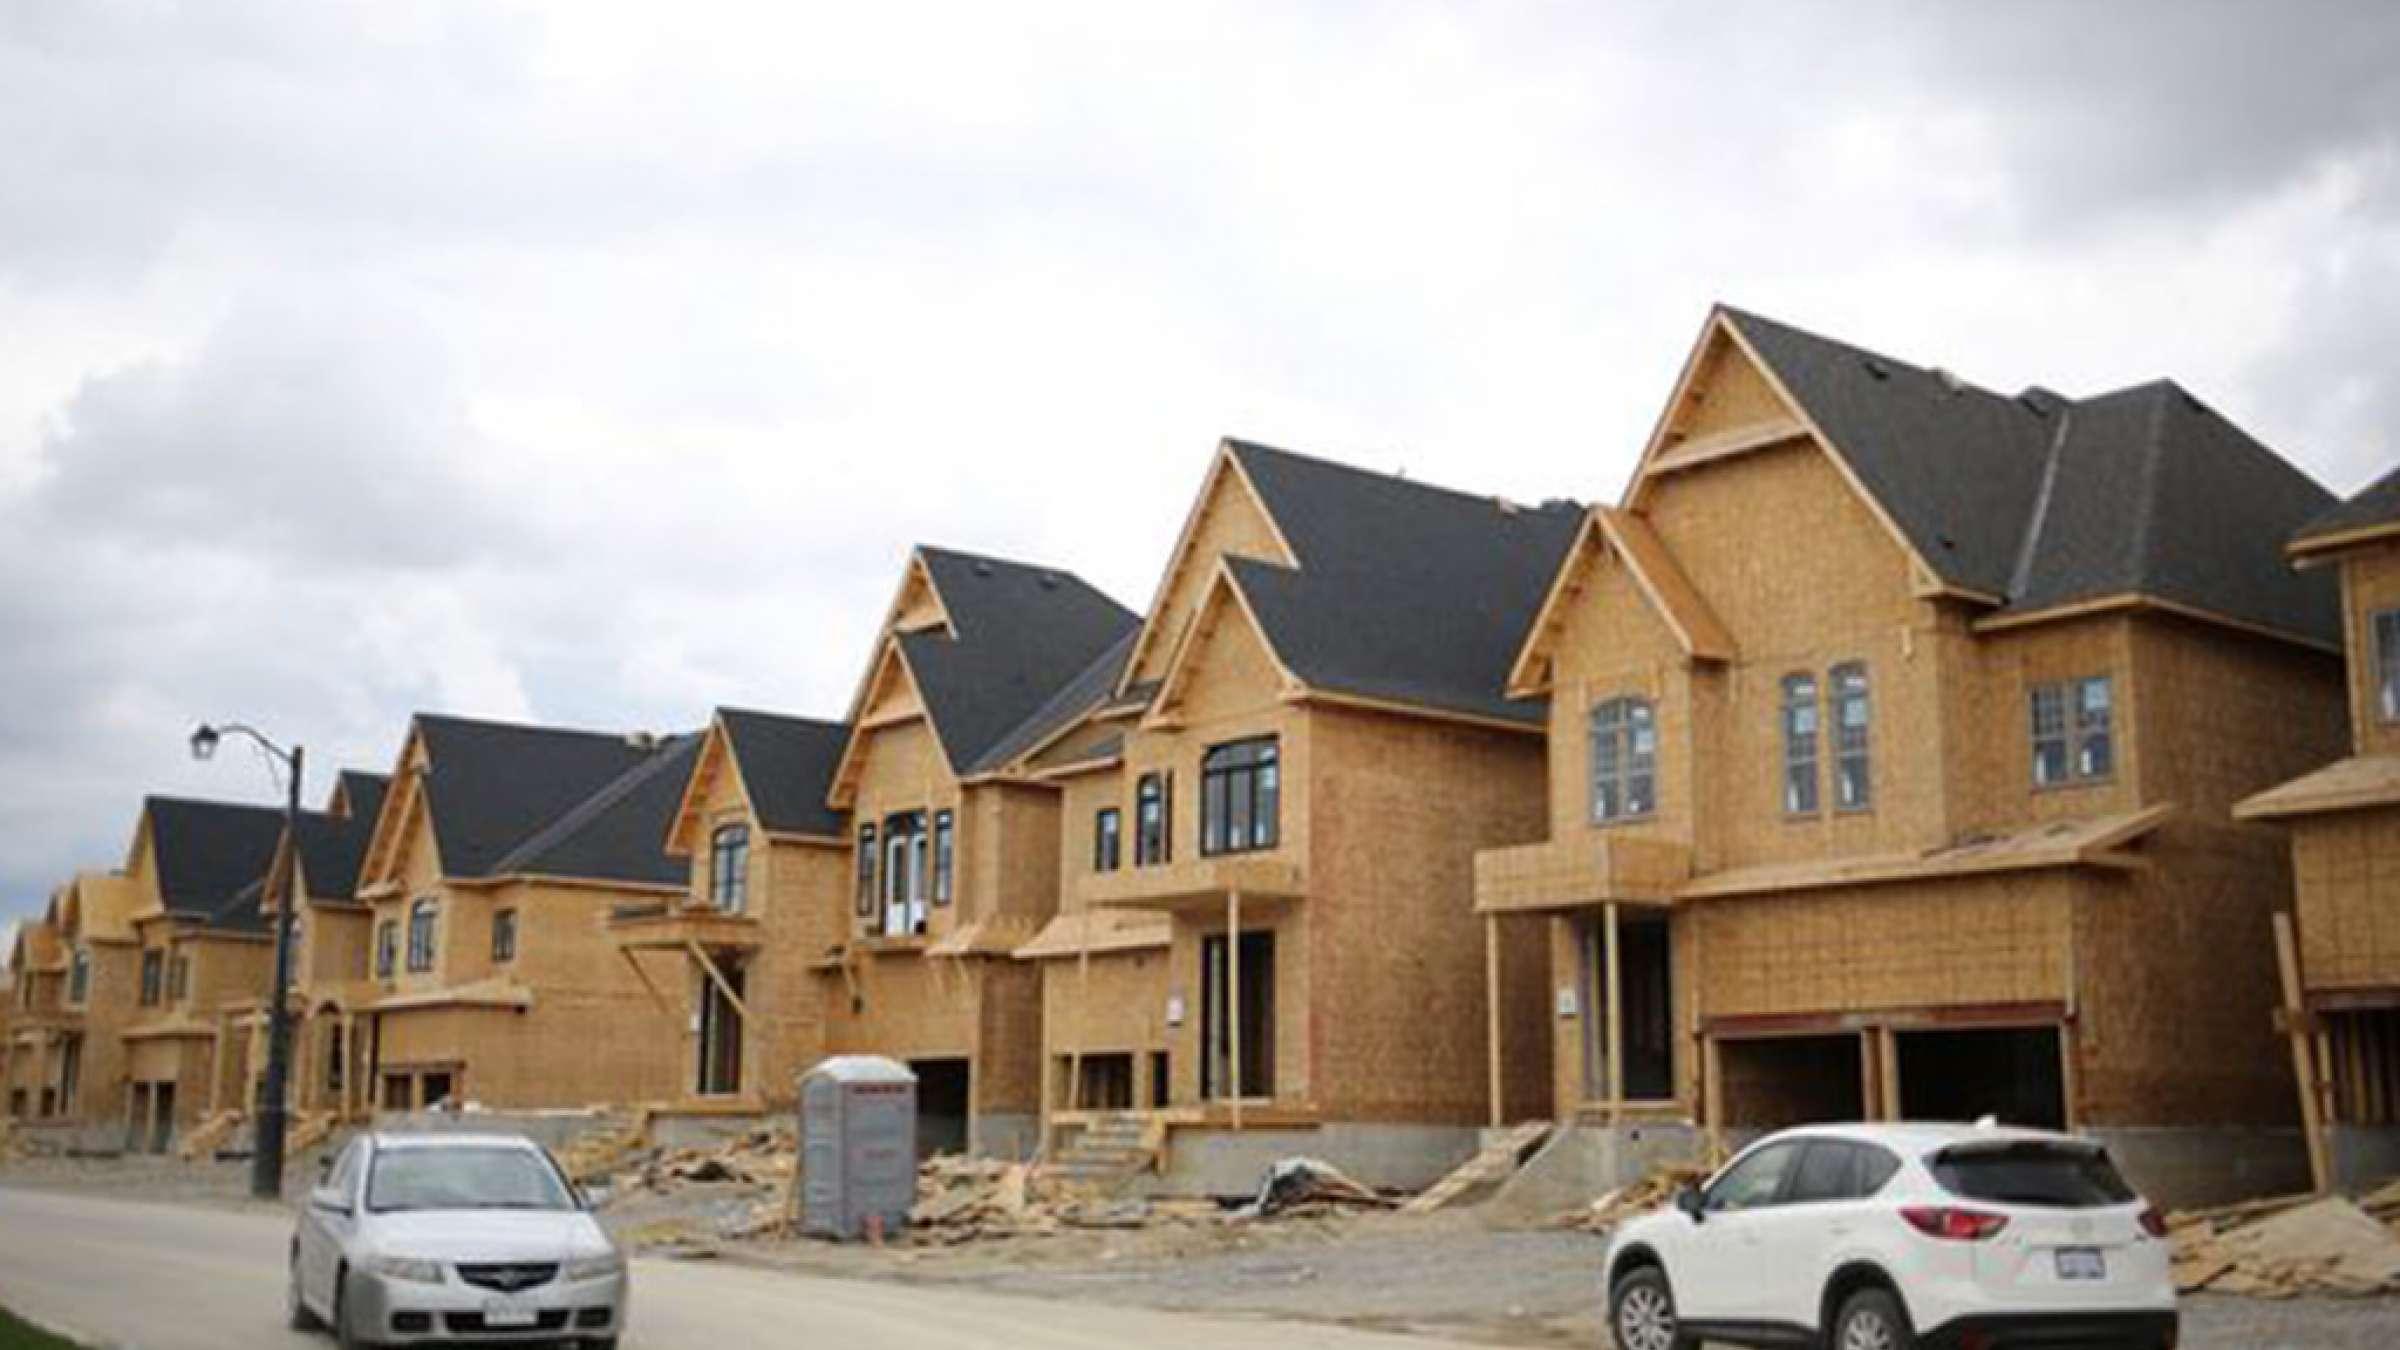 اخبار-تورنتو-افزایش-شدید-خرید-خانههای-نو-در-تورنتو